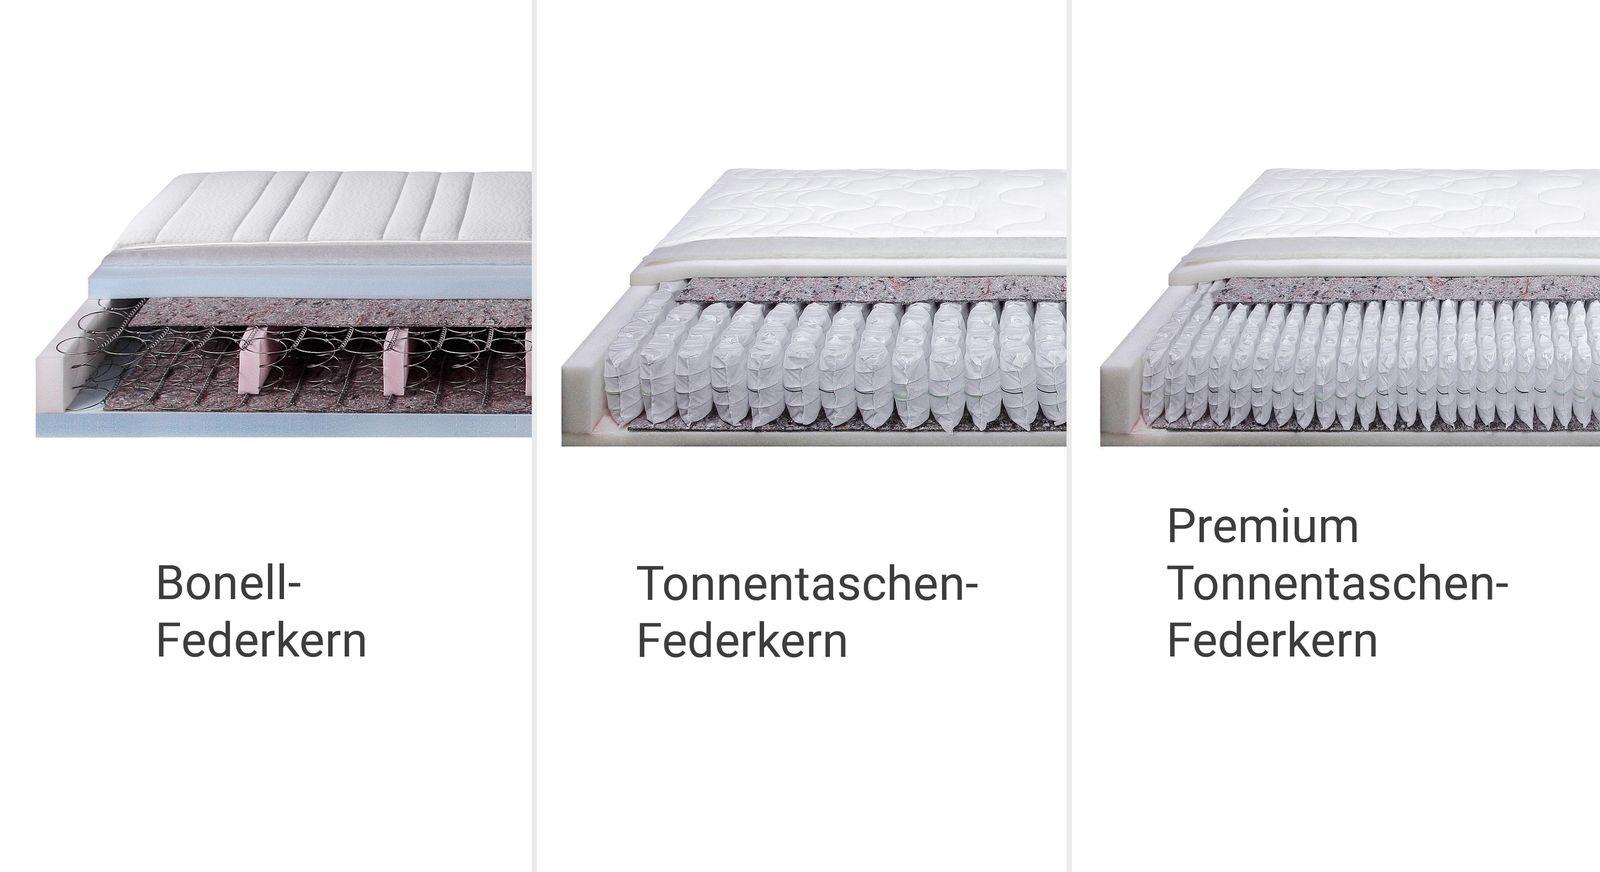 Matratzenübersicht der Boxspringbetten des Ferentino-Systems